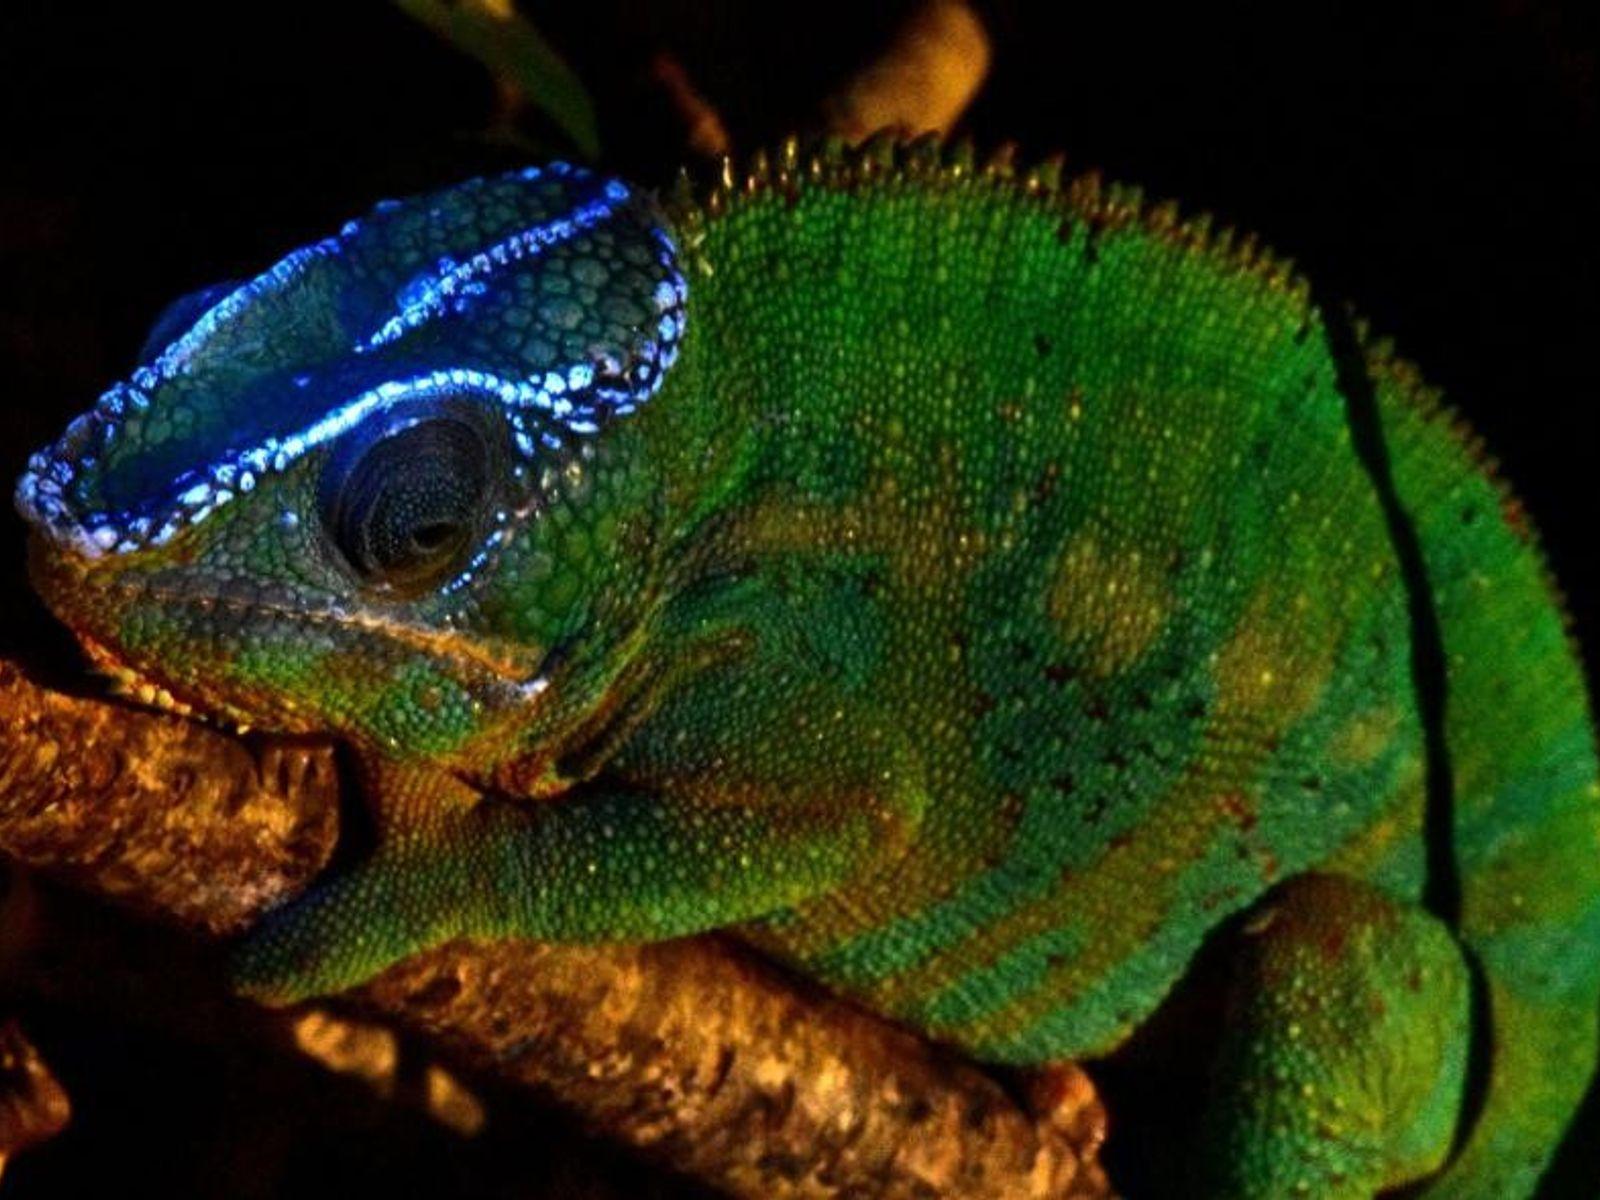 Die Tuberkel dieses Chamäleons leuchten unter UV-Licht in einem hellen Blau.